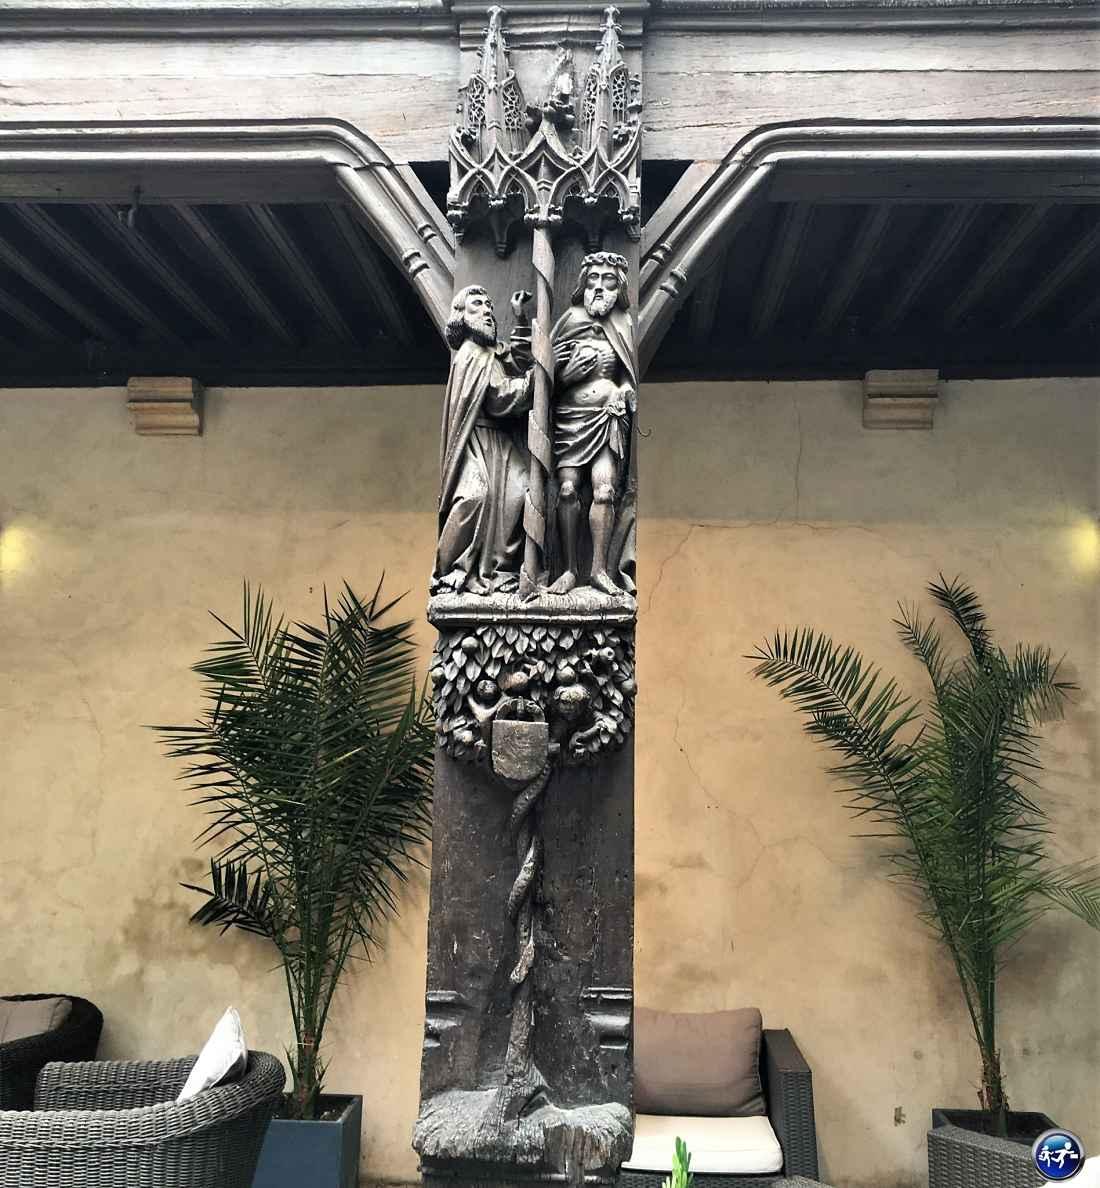 visiter dijon poutre cour gothique hotel philippe le bon dijon bourgogne france blog voyage suisse cosy on holidays again